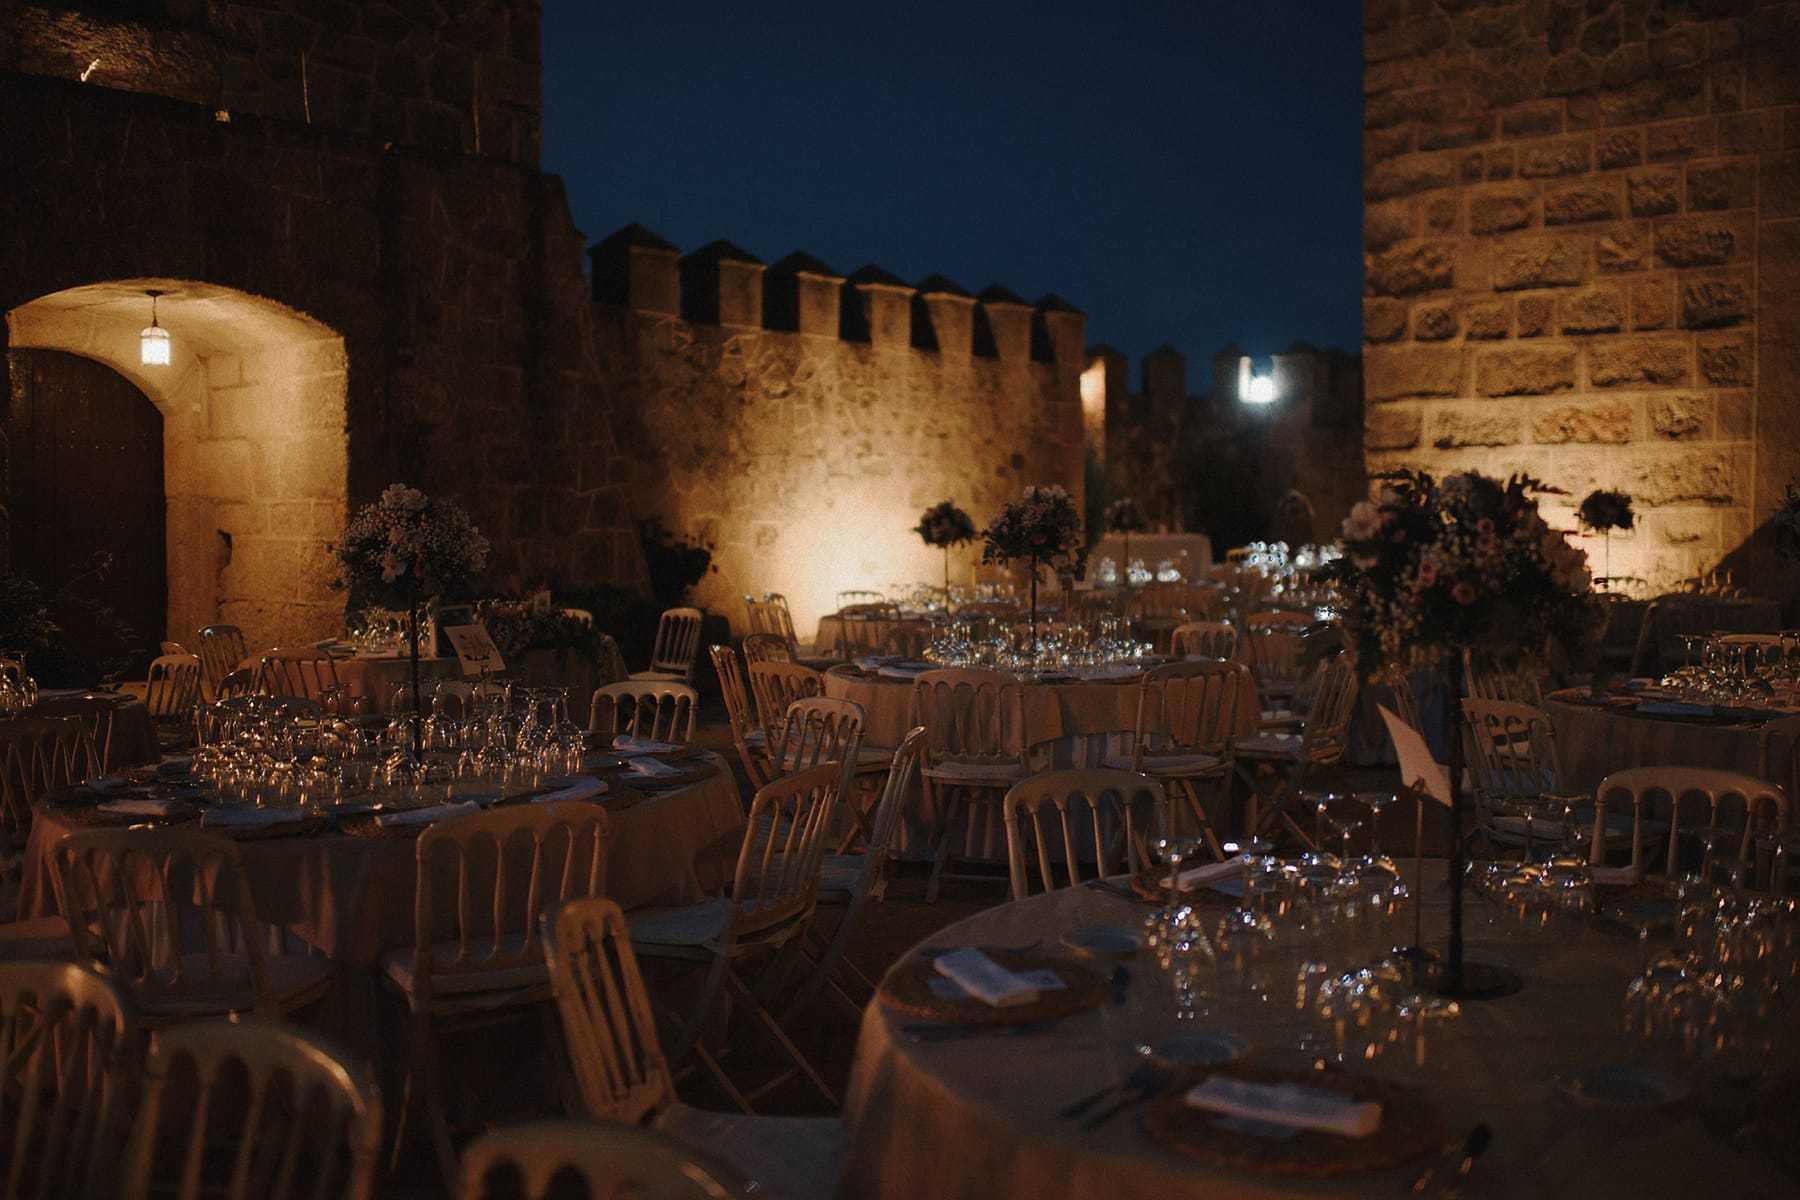 Cena al aire libre en una boda